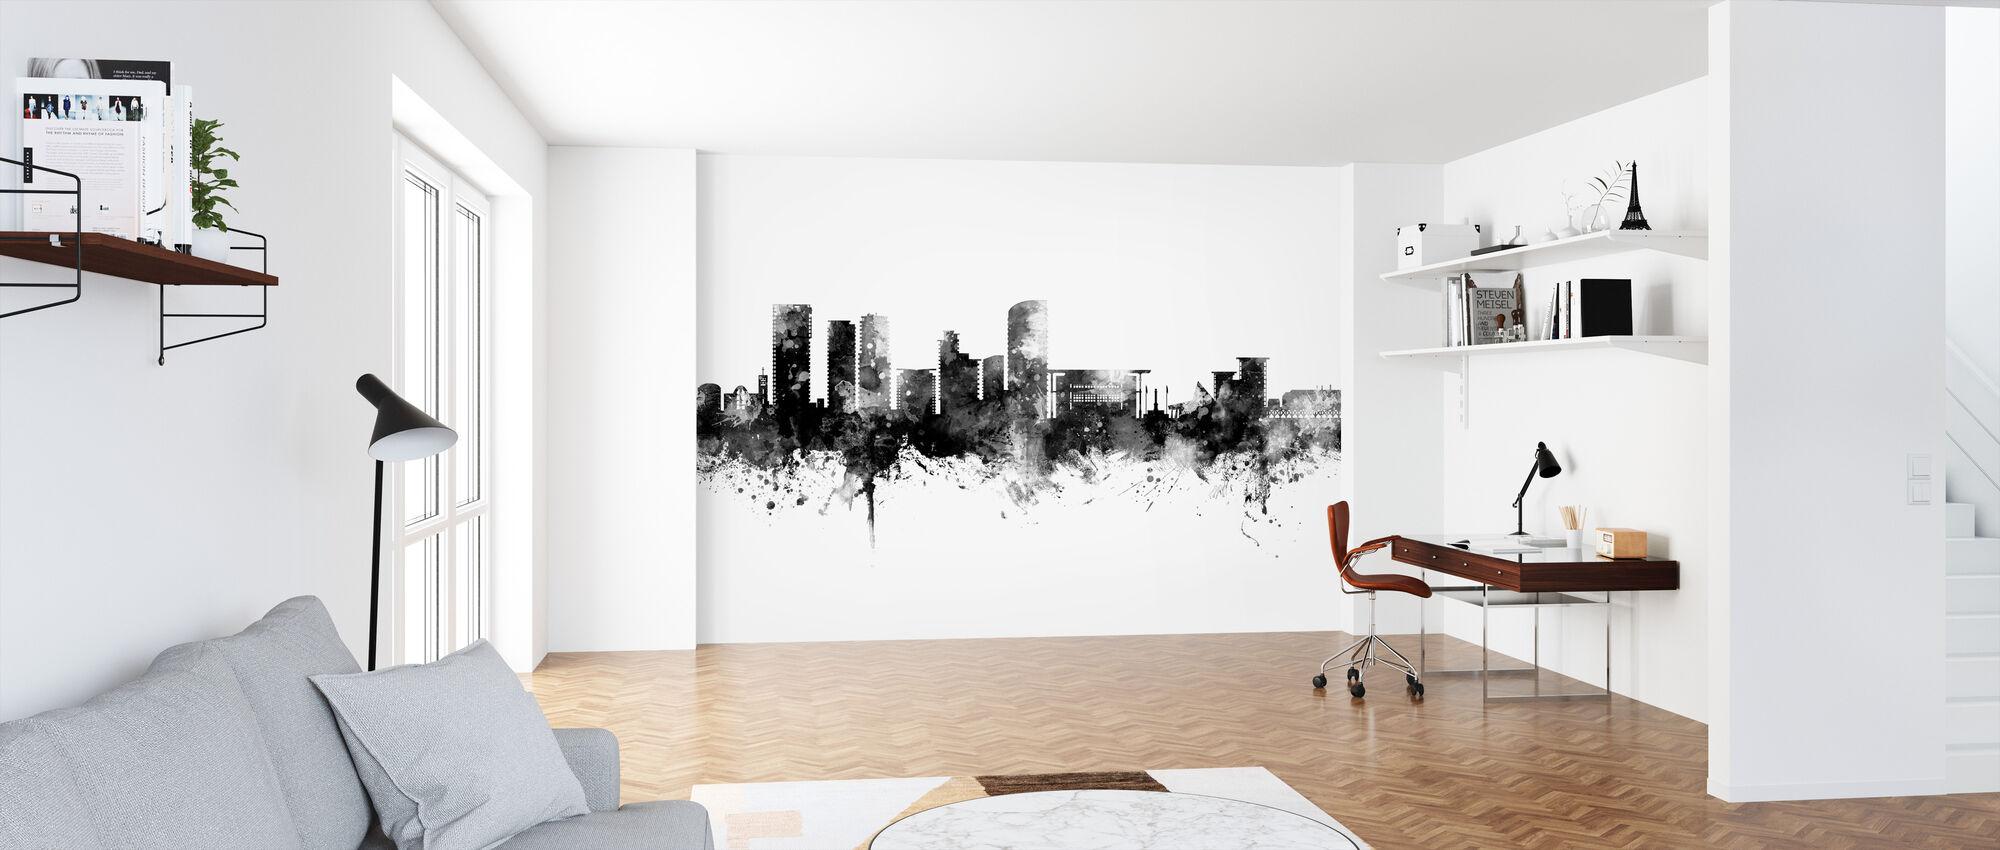 Darwin Australia Skyline - Wallpaper - Office